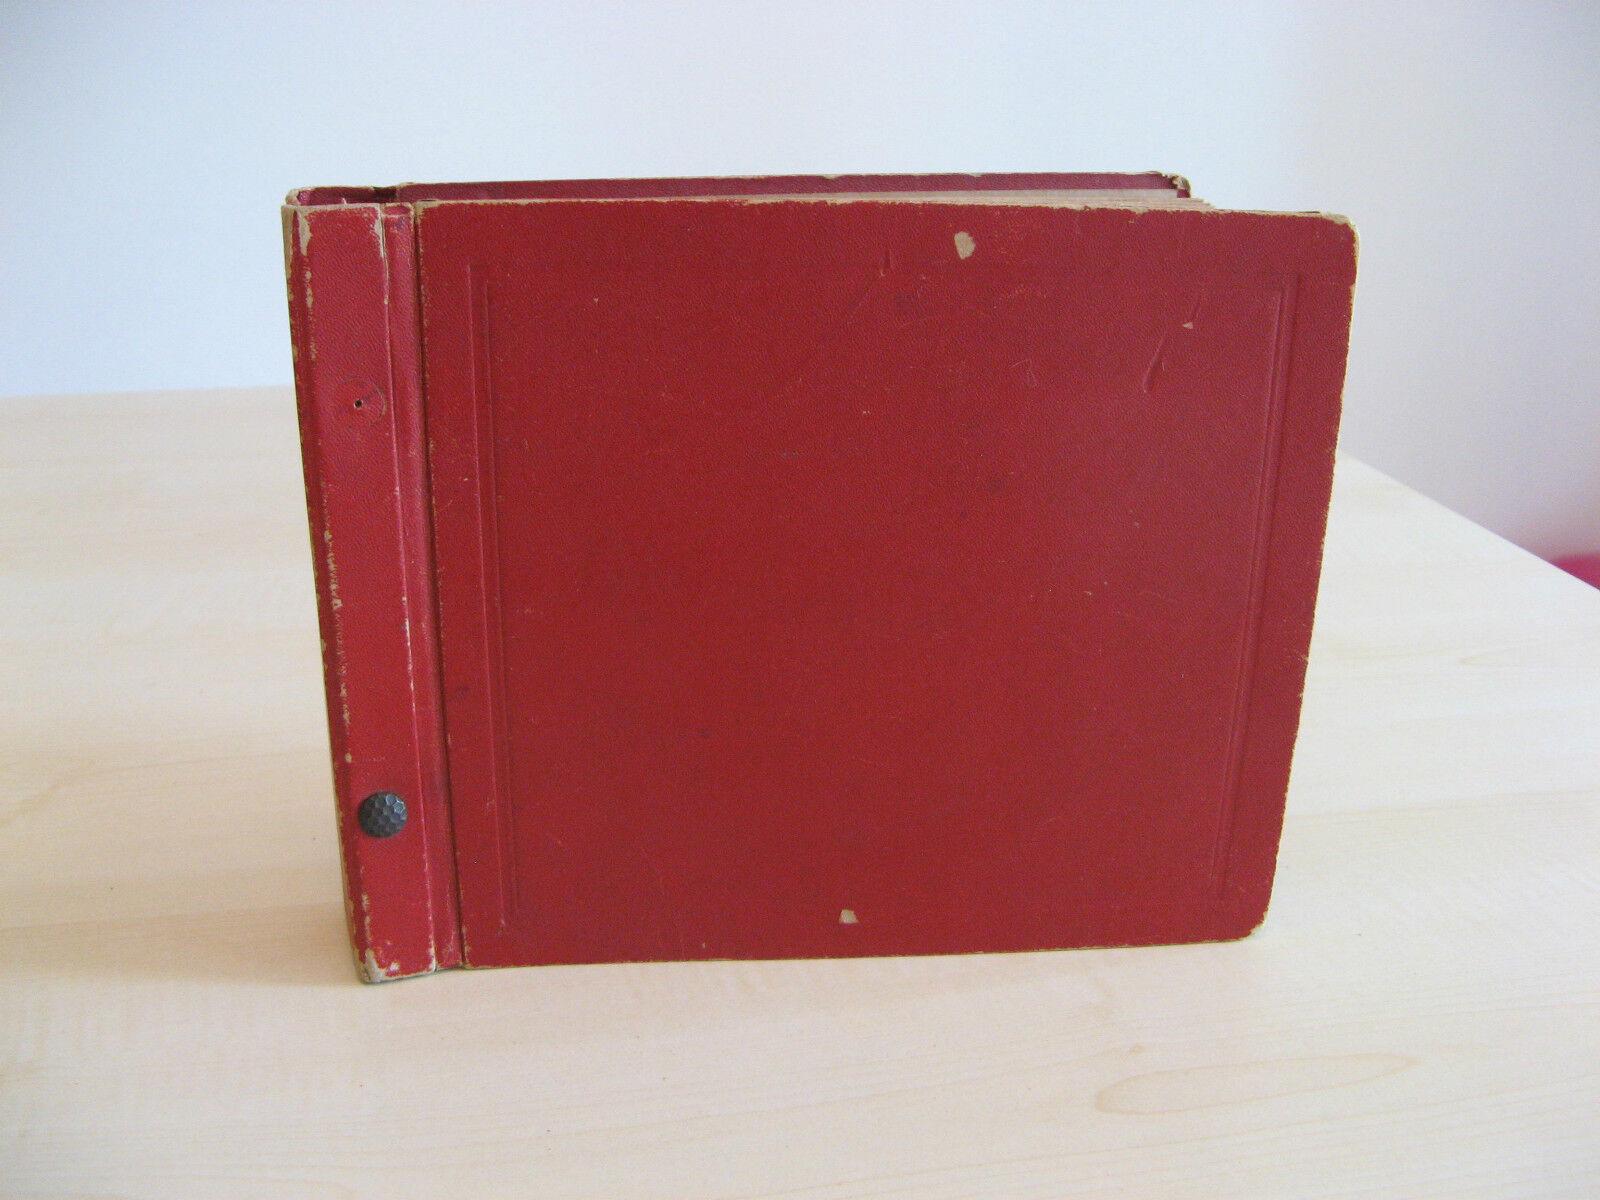 Arredamento D'antiquariato Complementi D'arredo Vecchio Contenitore Valigetta Porta 45 Giri Vintage Anni 60 Per Vinile Rosso